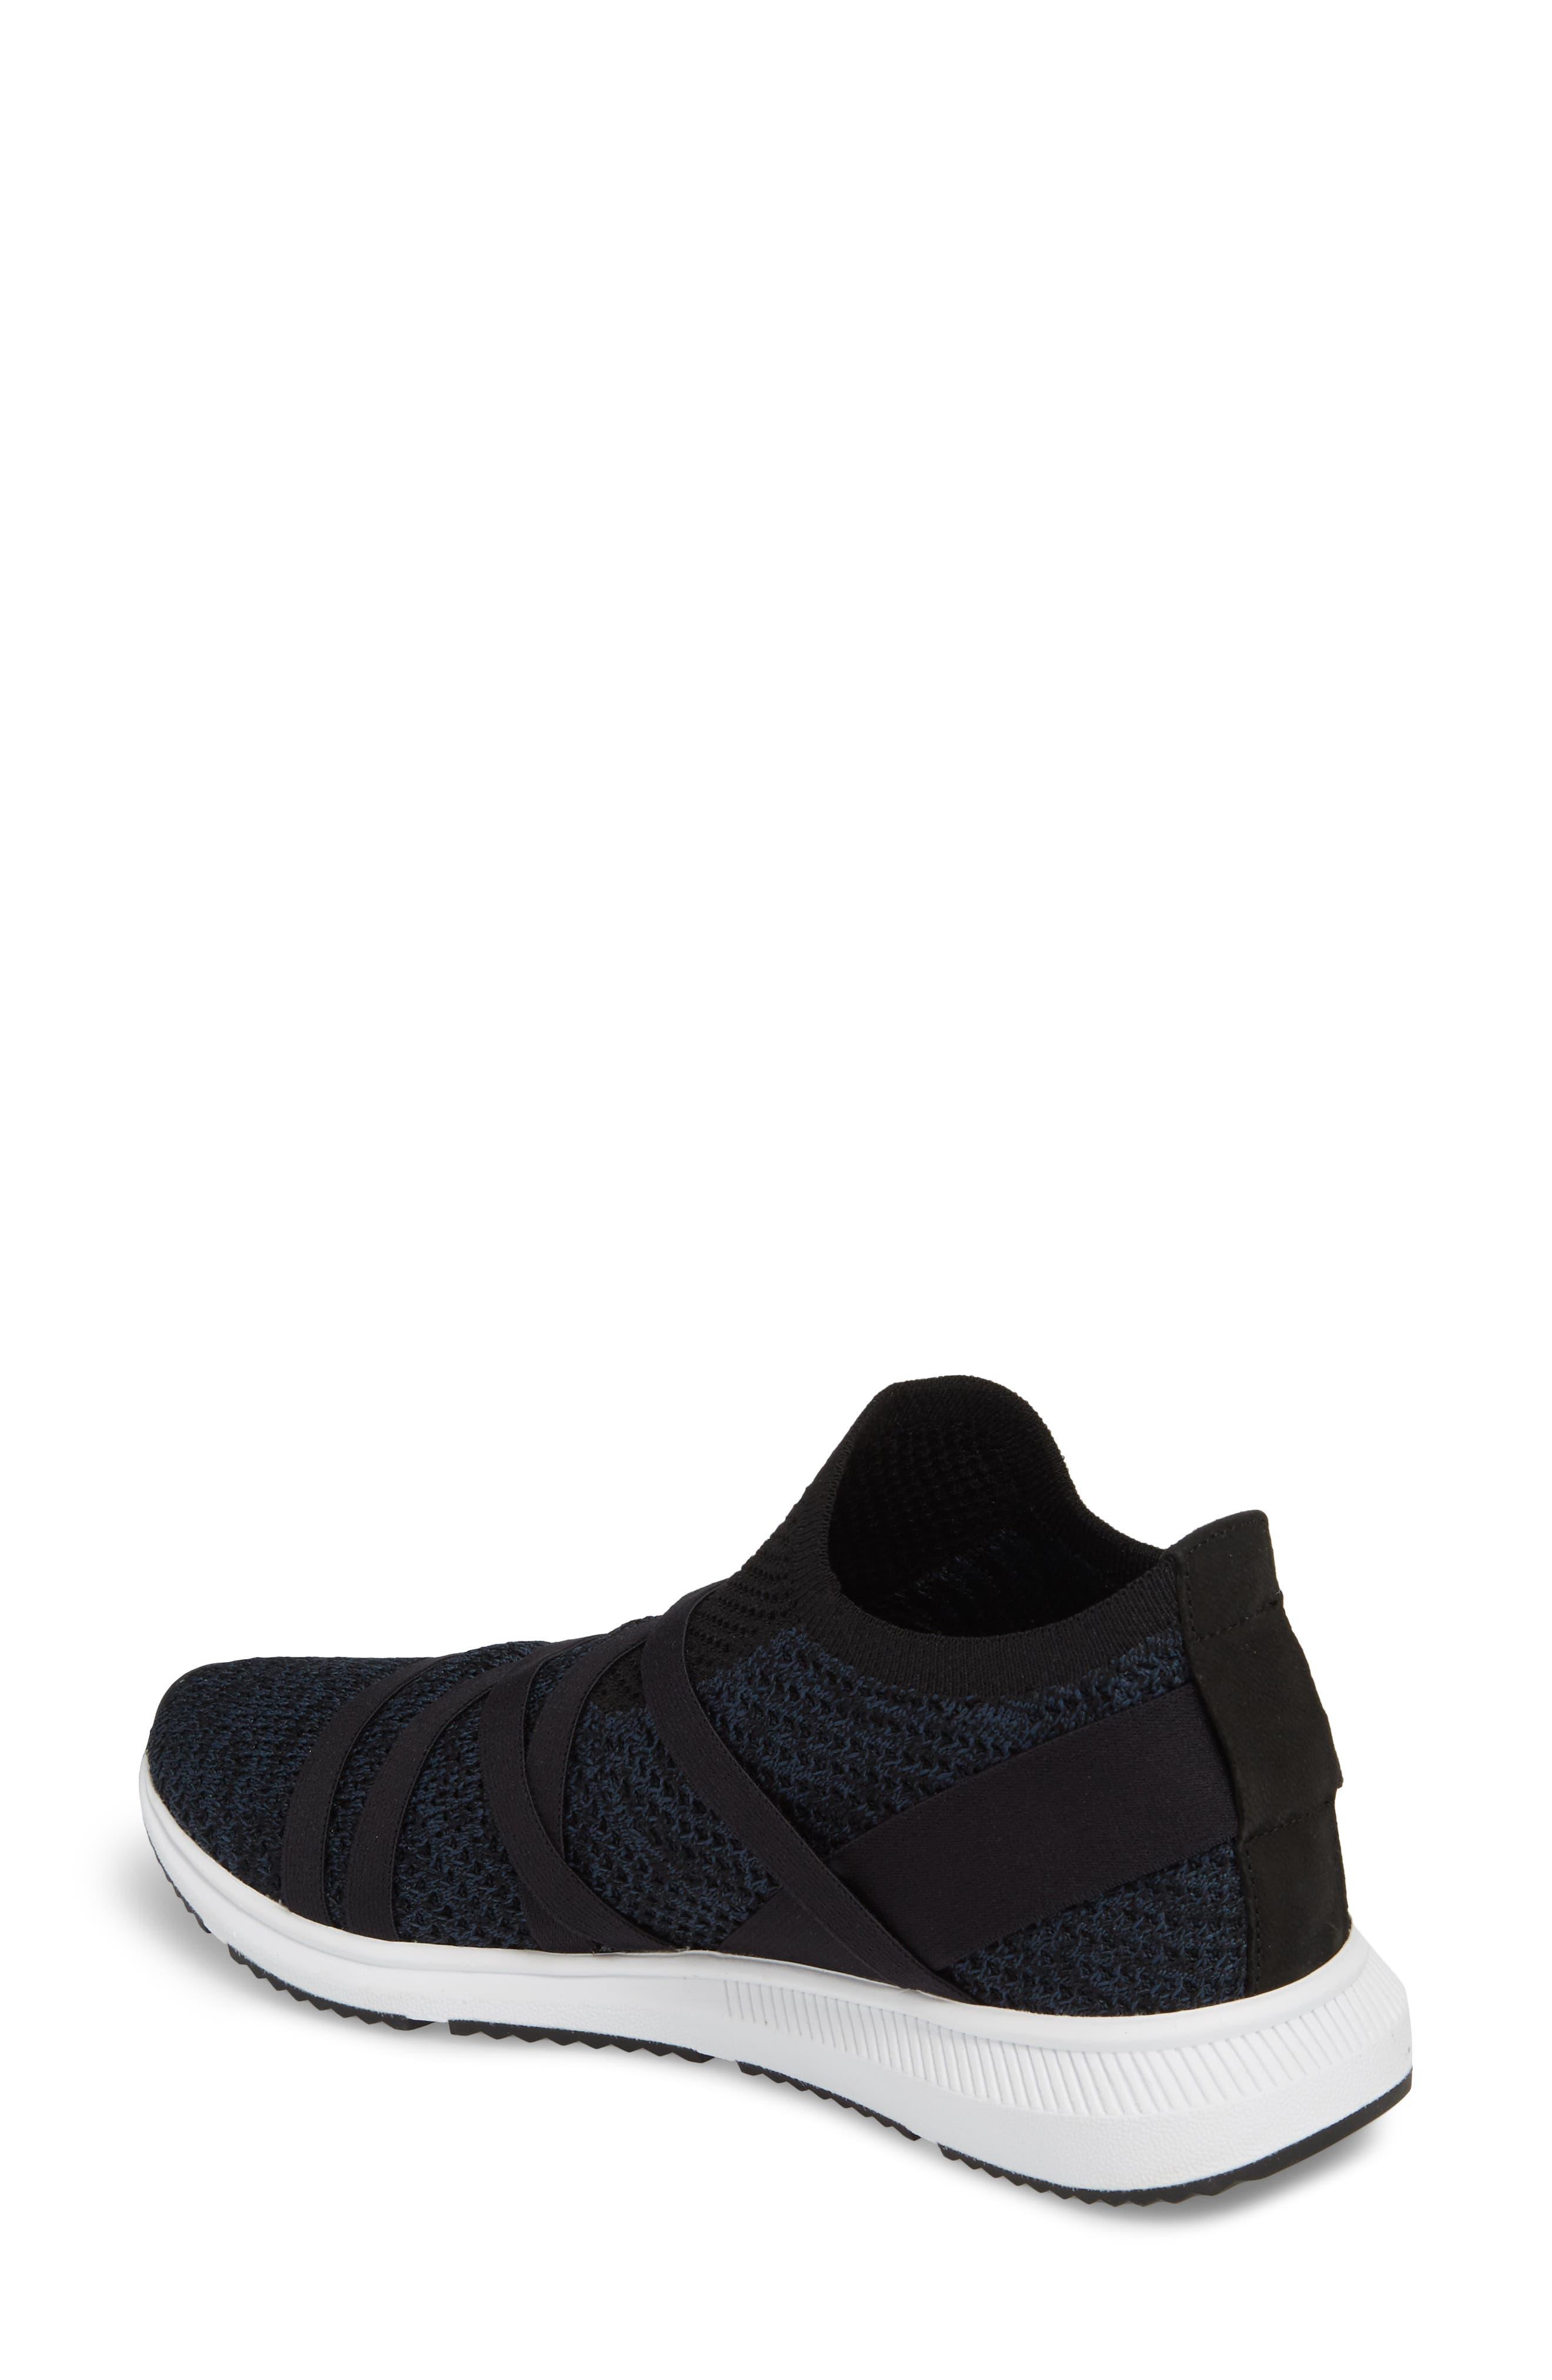 Alternate Image 2  - Eileen Fisher Xanady Woven Slip-On Sneaker (Women)